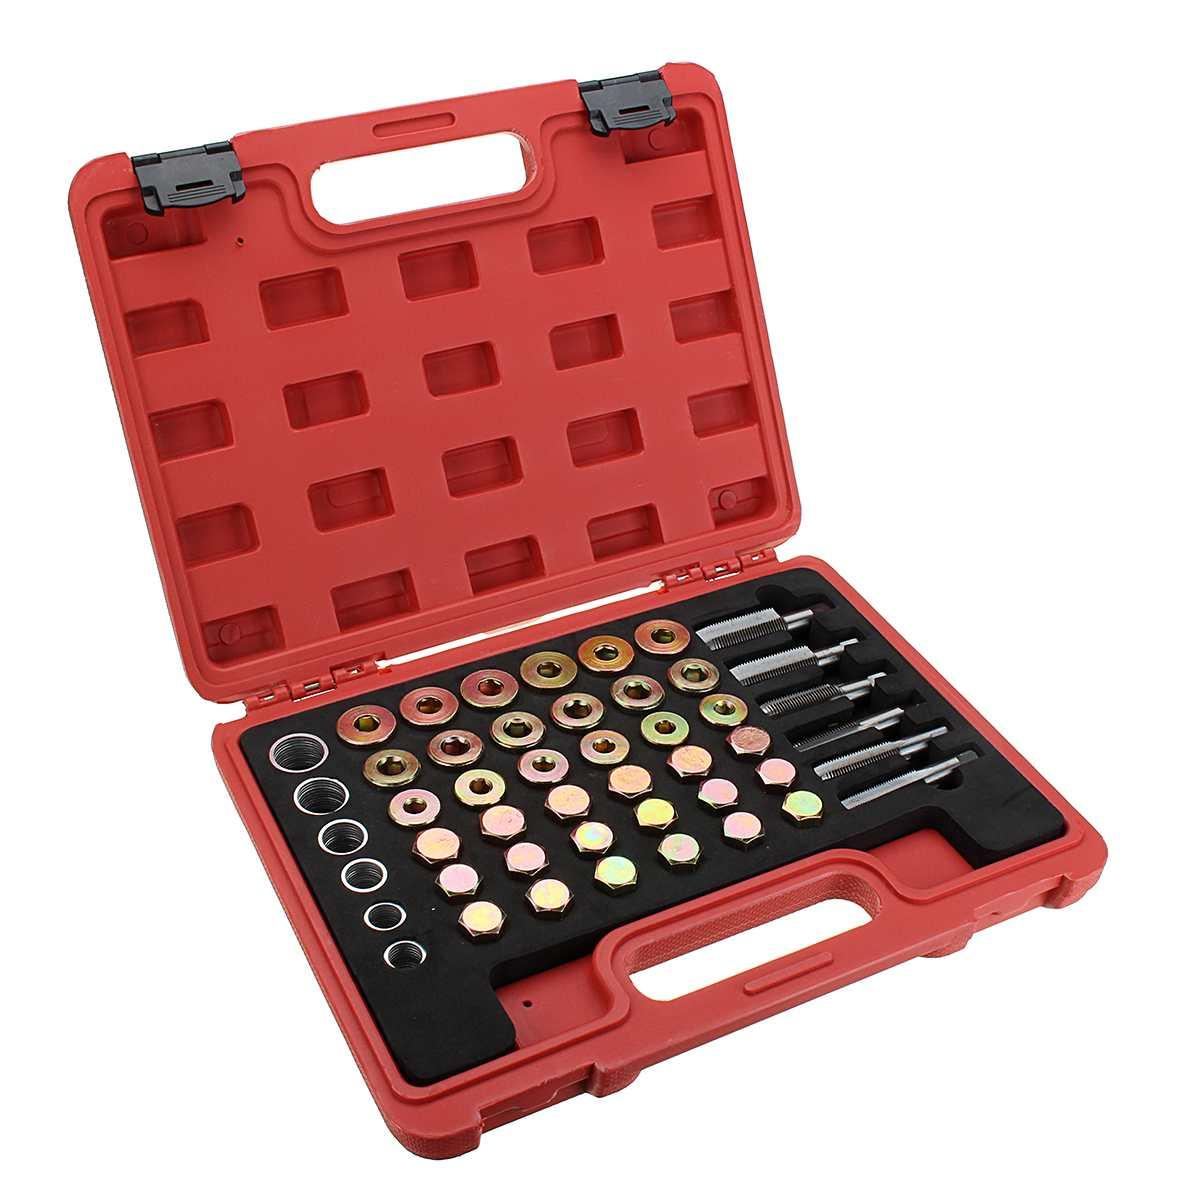 114PCS Universal Car Oil Pan Thread Repair Kit Gearbox Drain Plug Washer Seal Tool Set Car Repair Tools